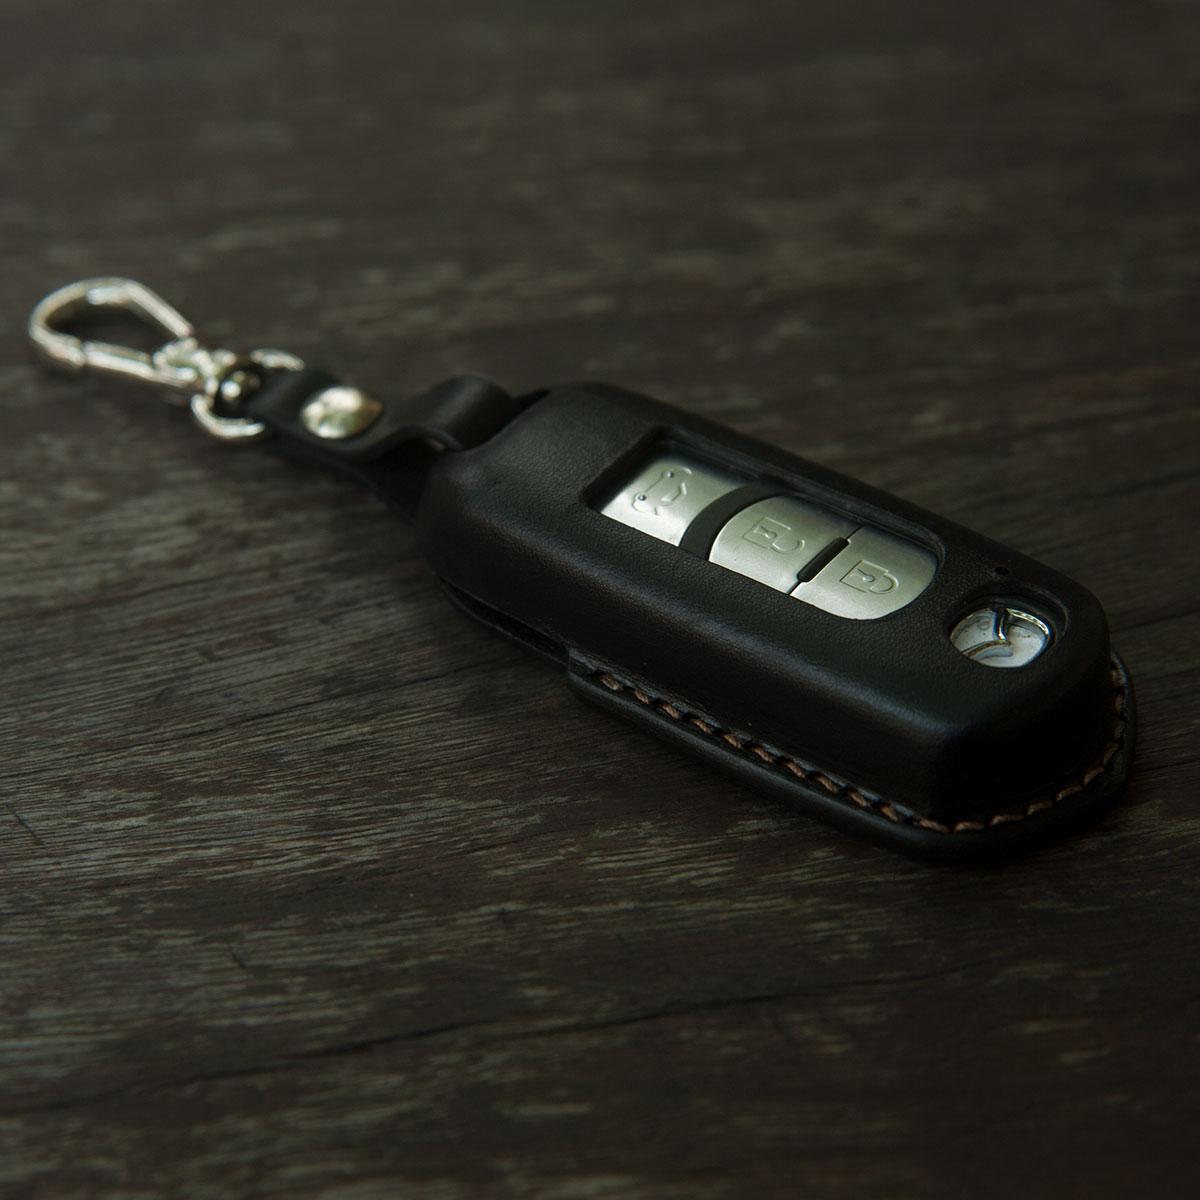 Bao da chìa khóa Mazda 3, CX5 - Da bò nguyên tấm - Sản phẩm thủ công